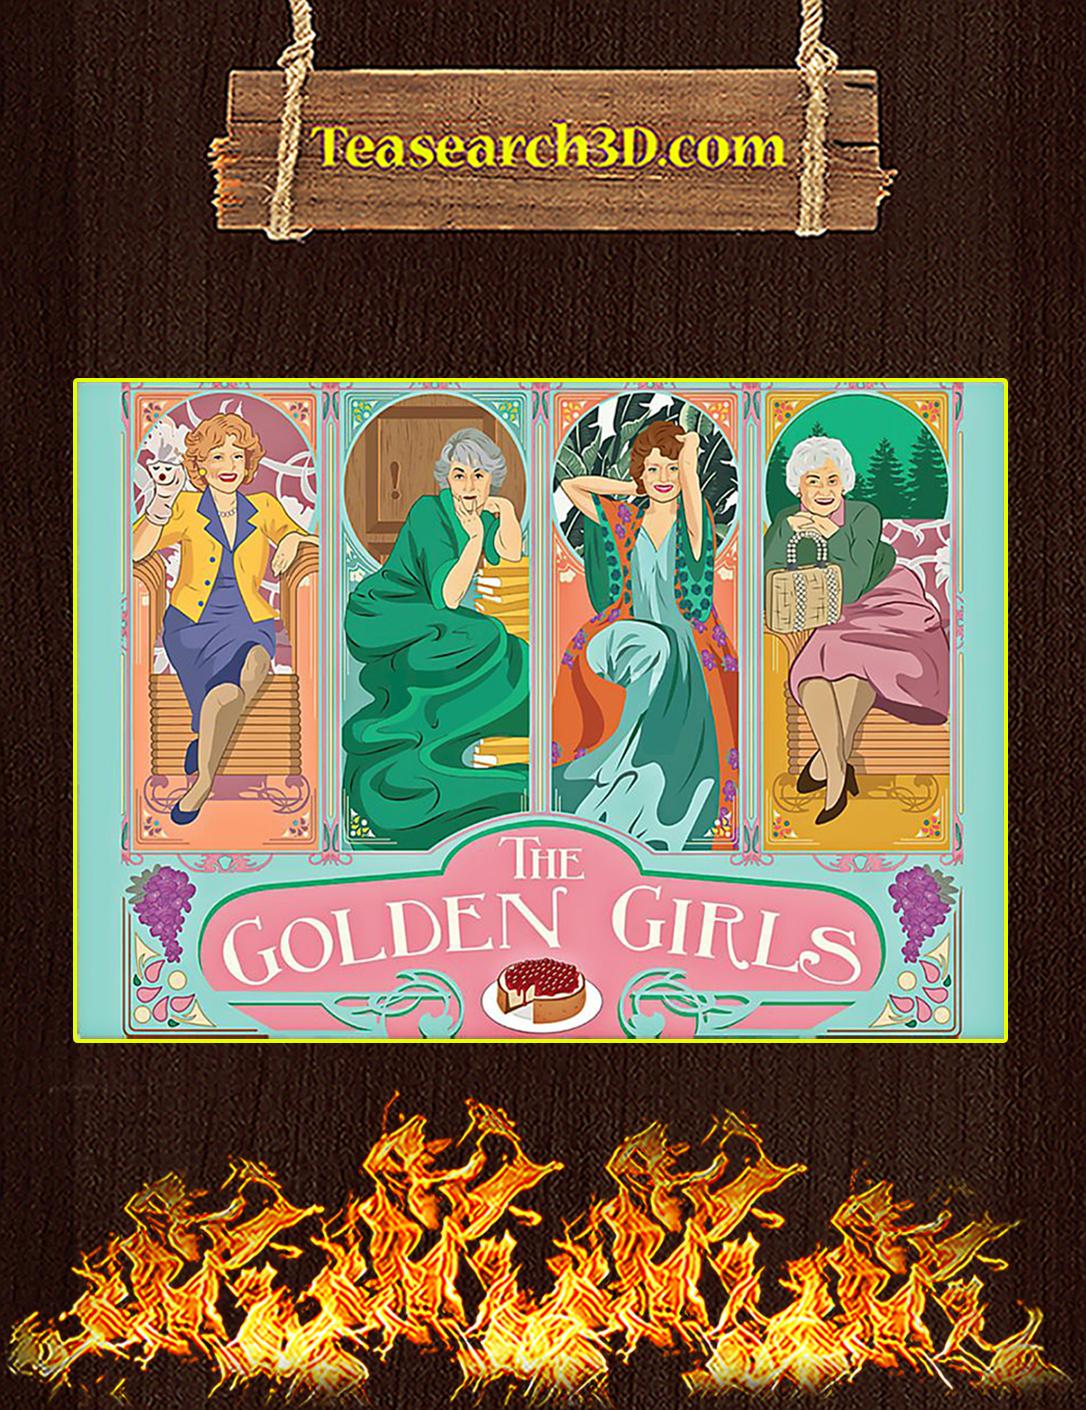 Golden girls poster A2